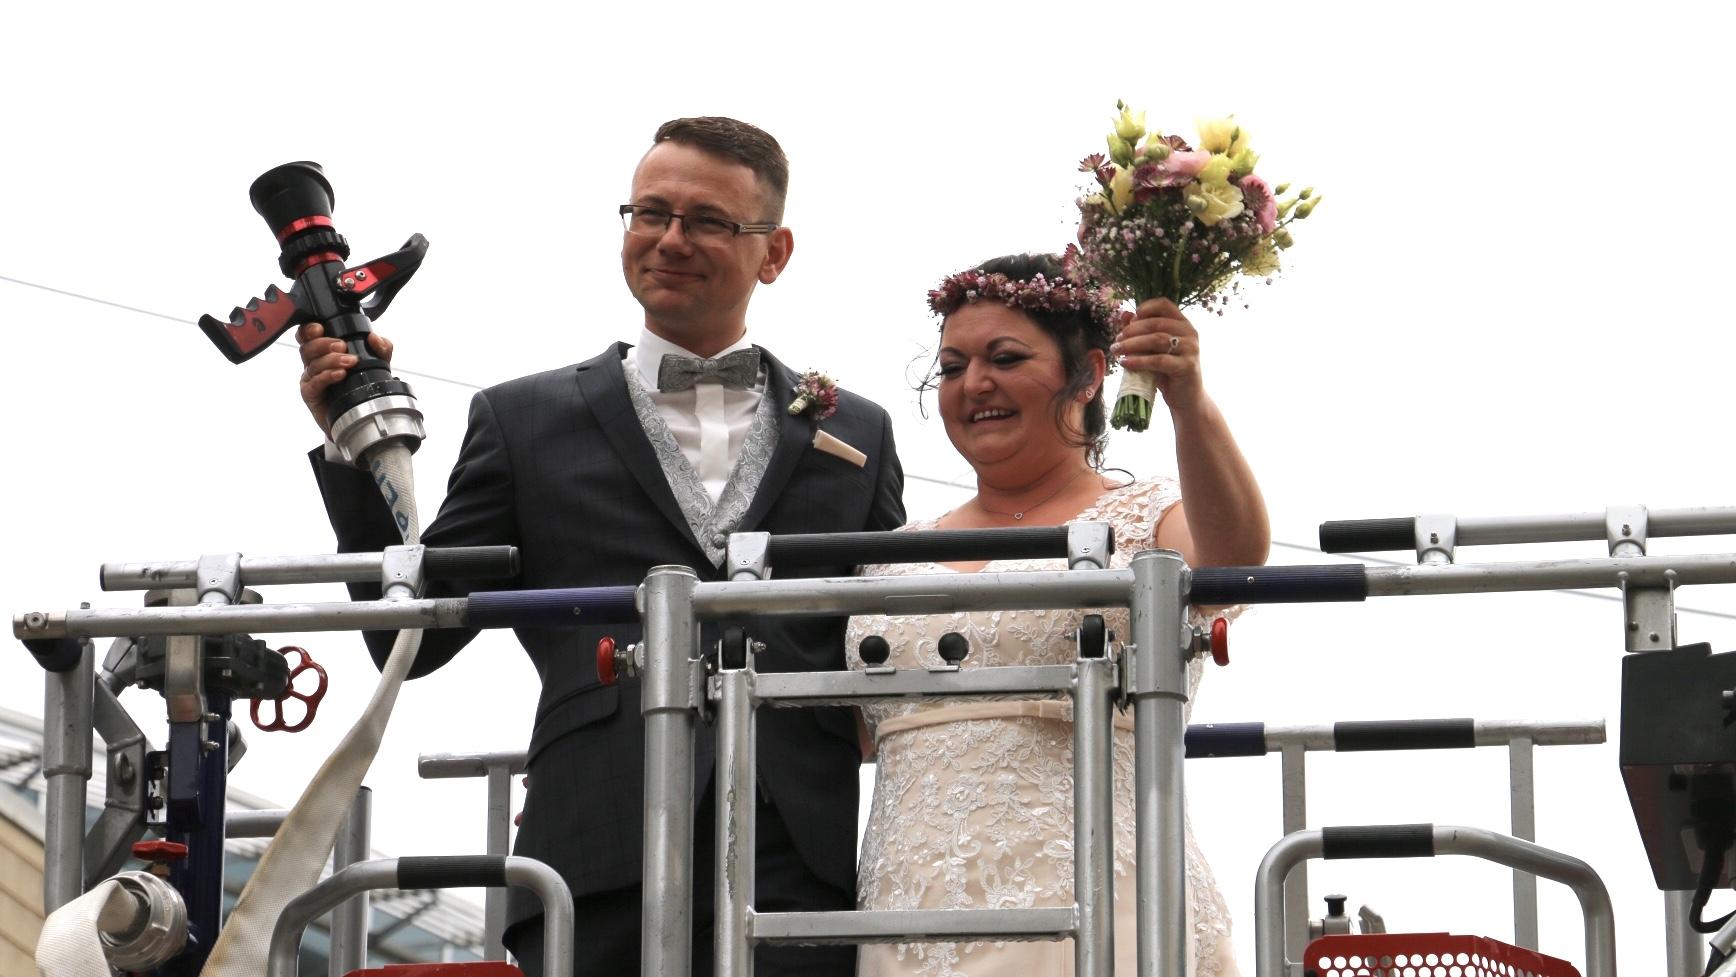 Feuerwehrmann heiratet die Flamme seines Lebens